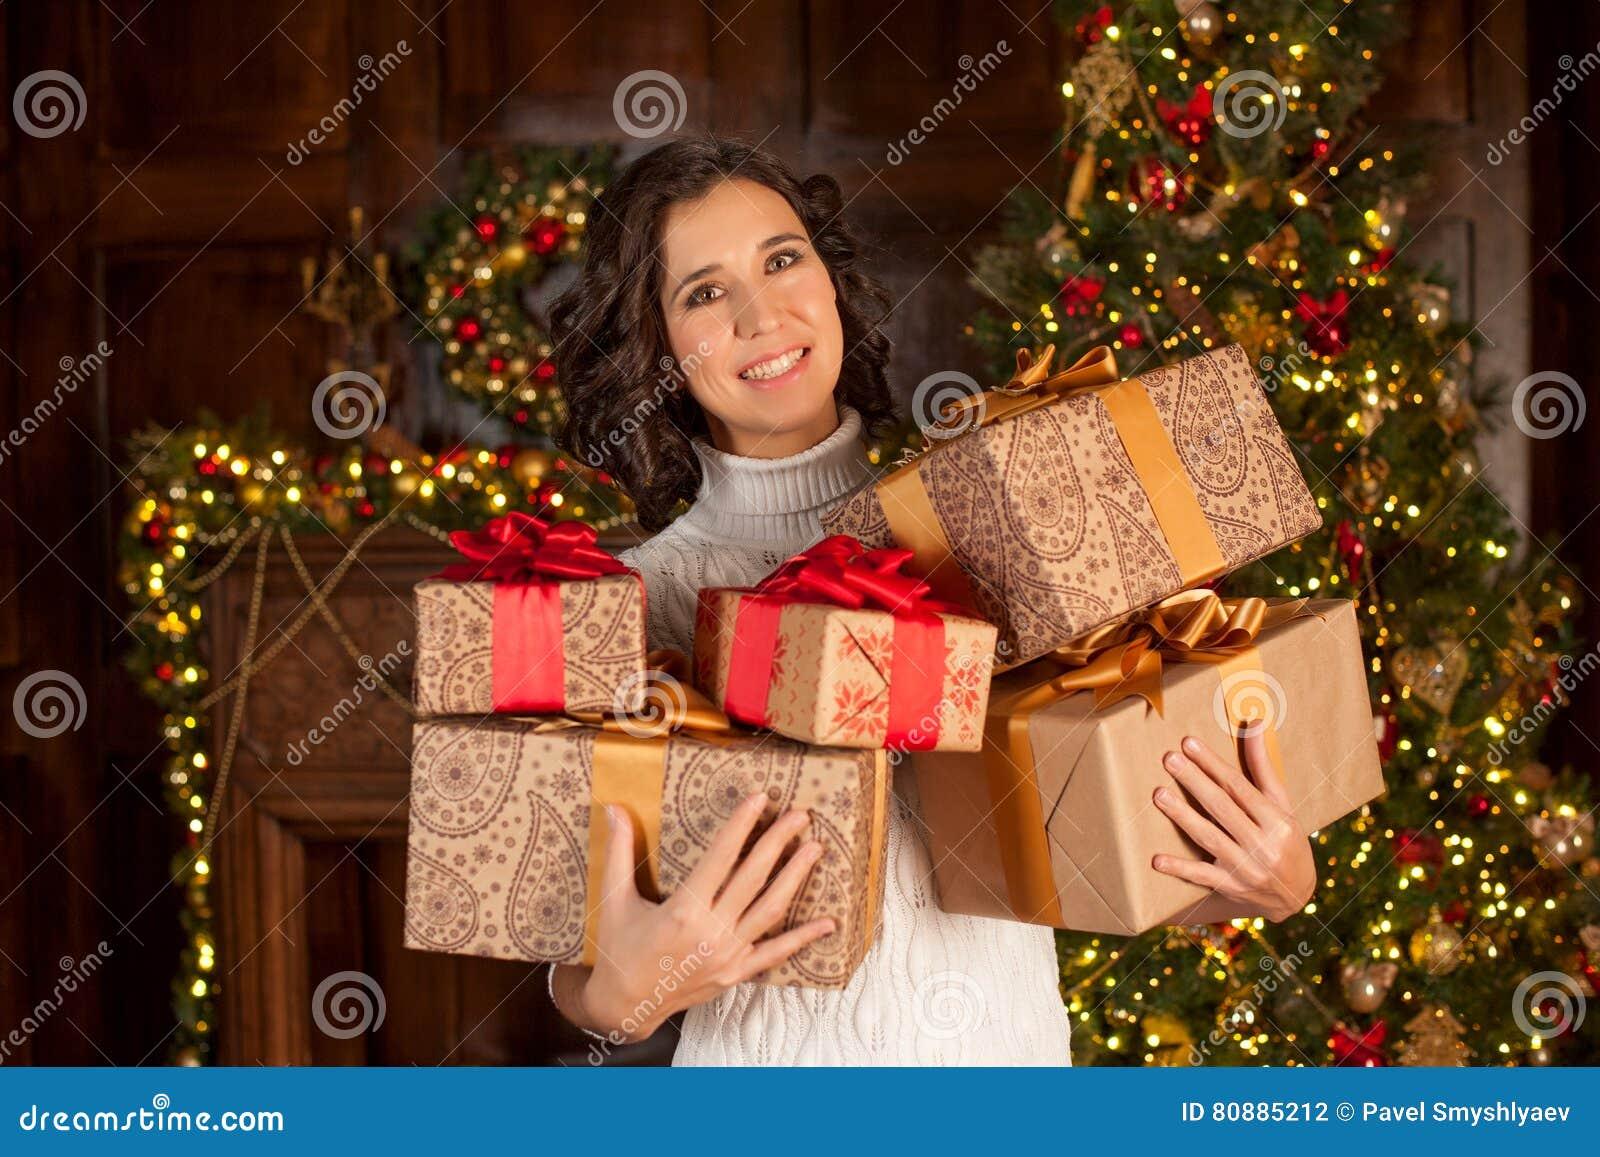 Regali Di Natale Ragazza.La Ragazza Felice Tiene Molti Regali Di Natale Fotografia Stock